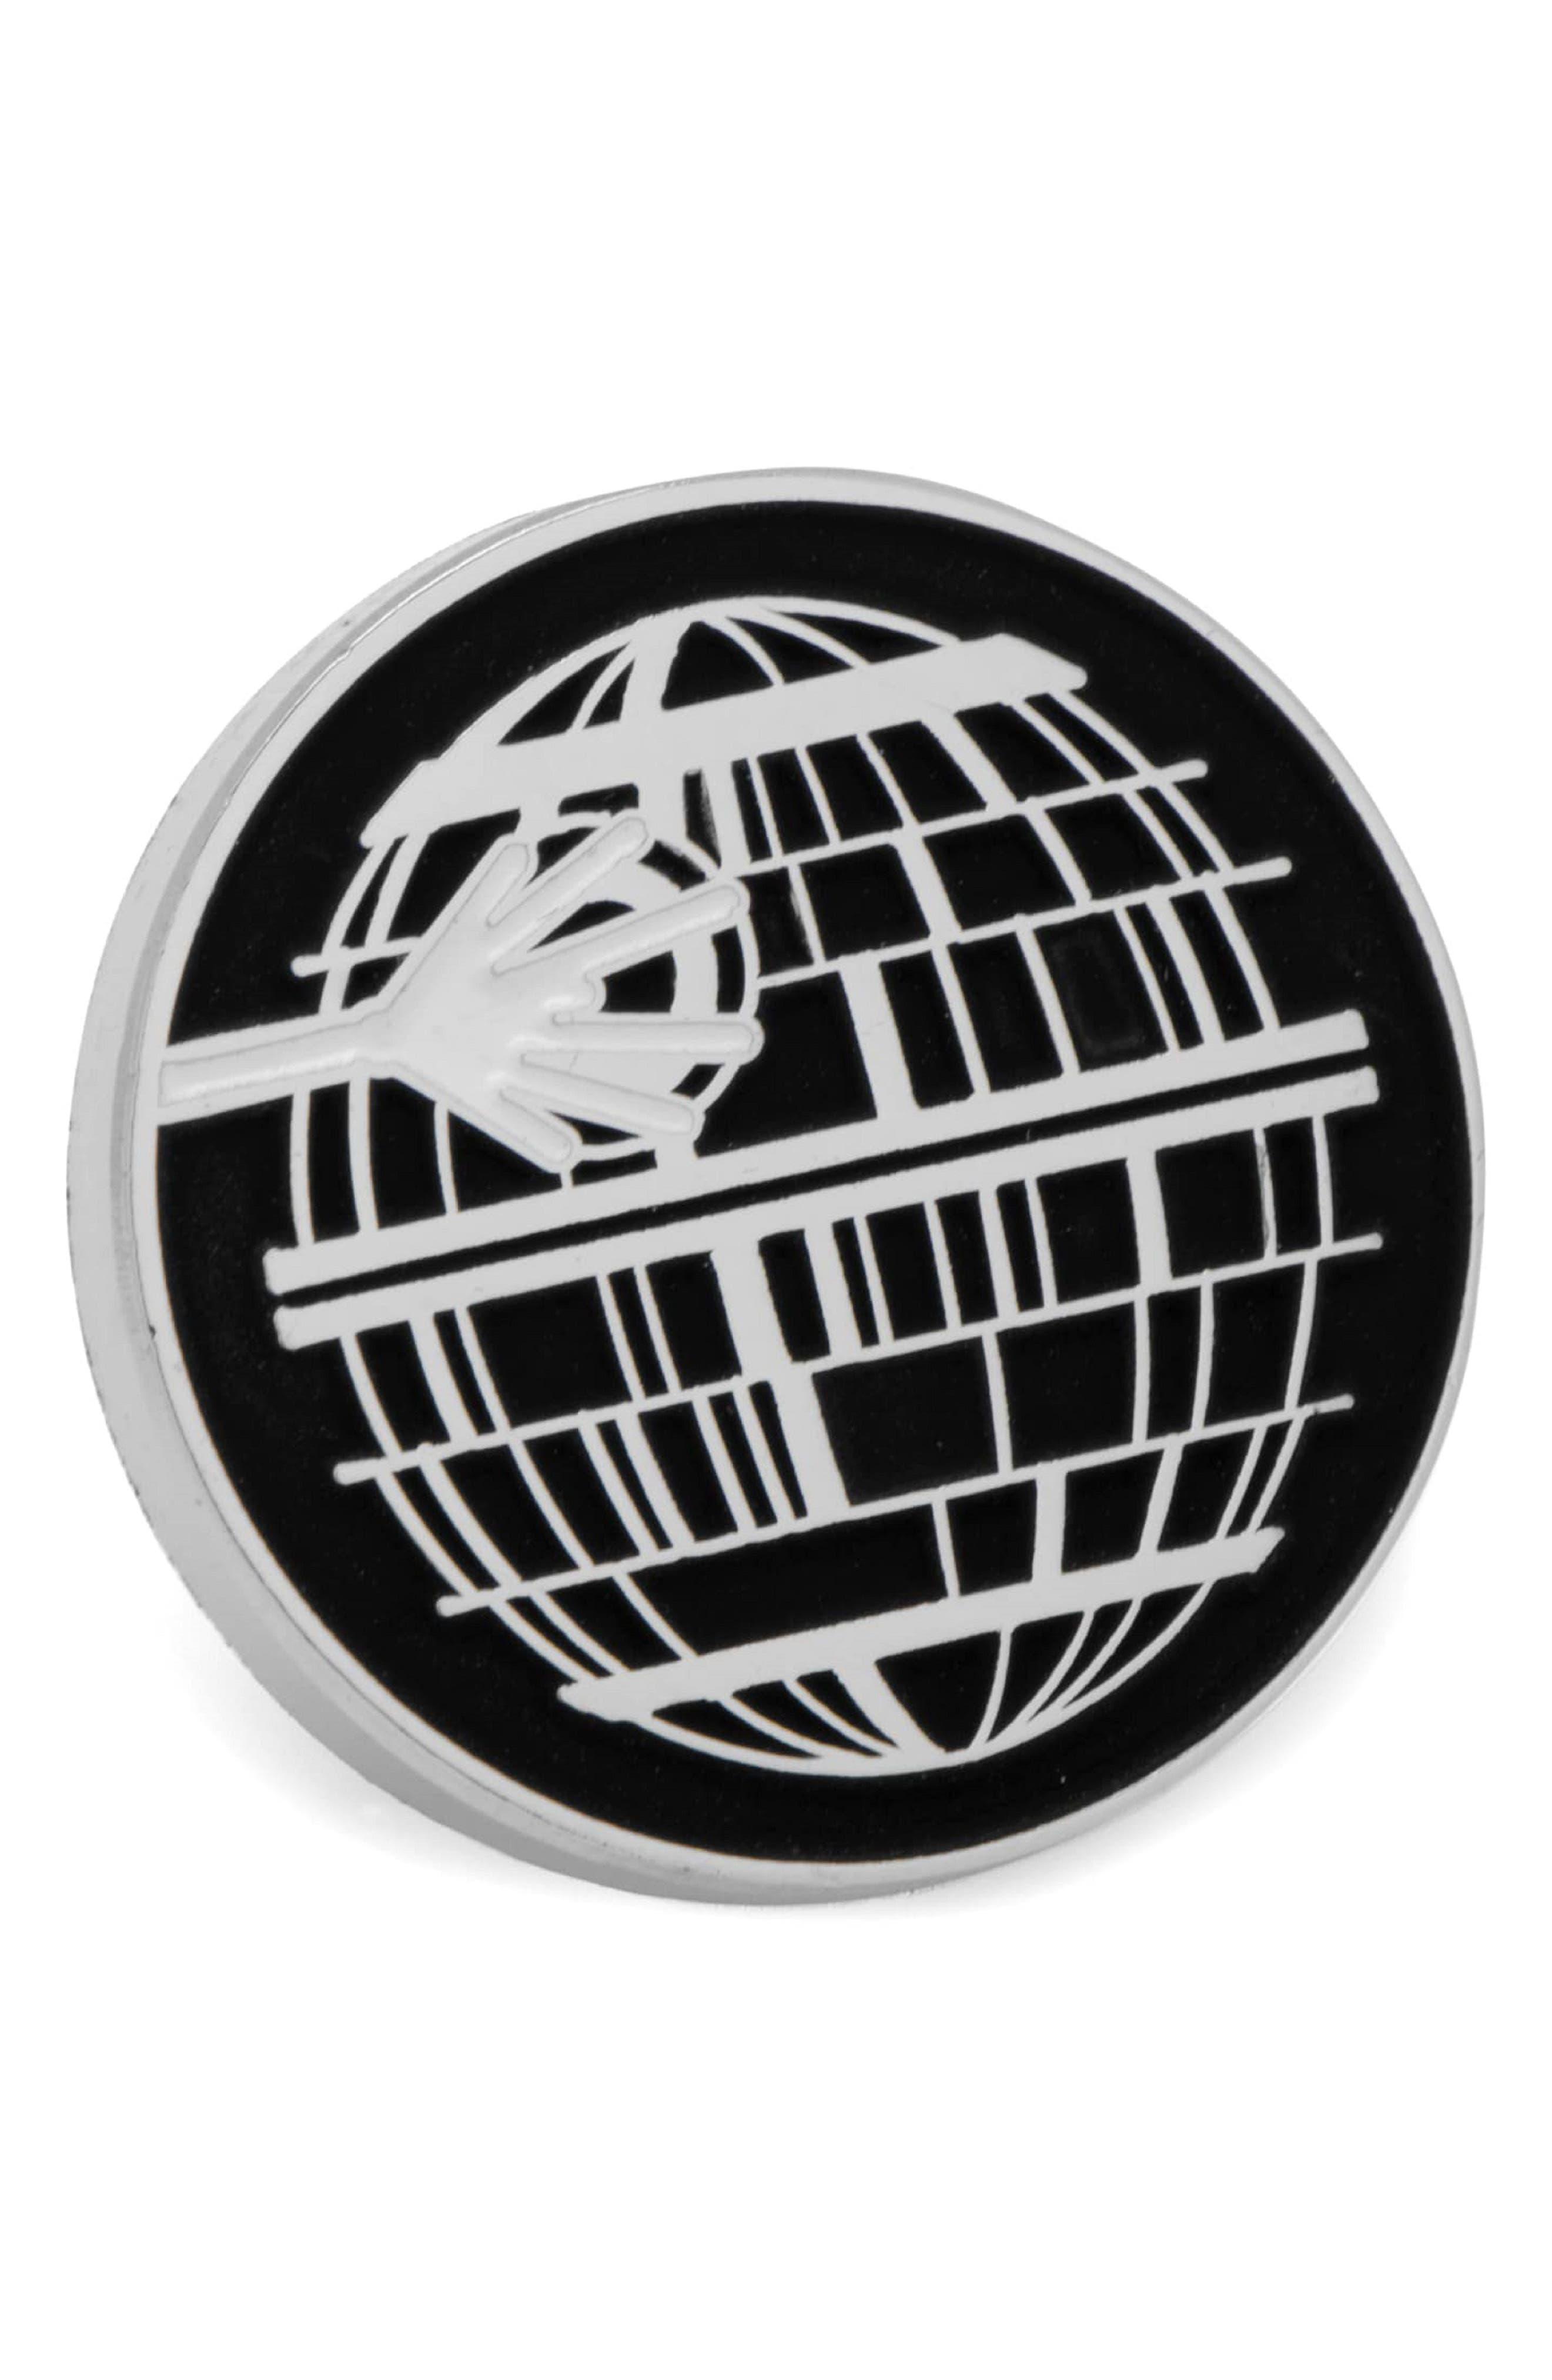 Star Wars<sup>™</sup> - Death Star Lapel Pin,                             Main thumbnail 1, color,                             040